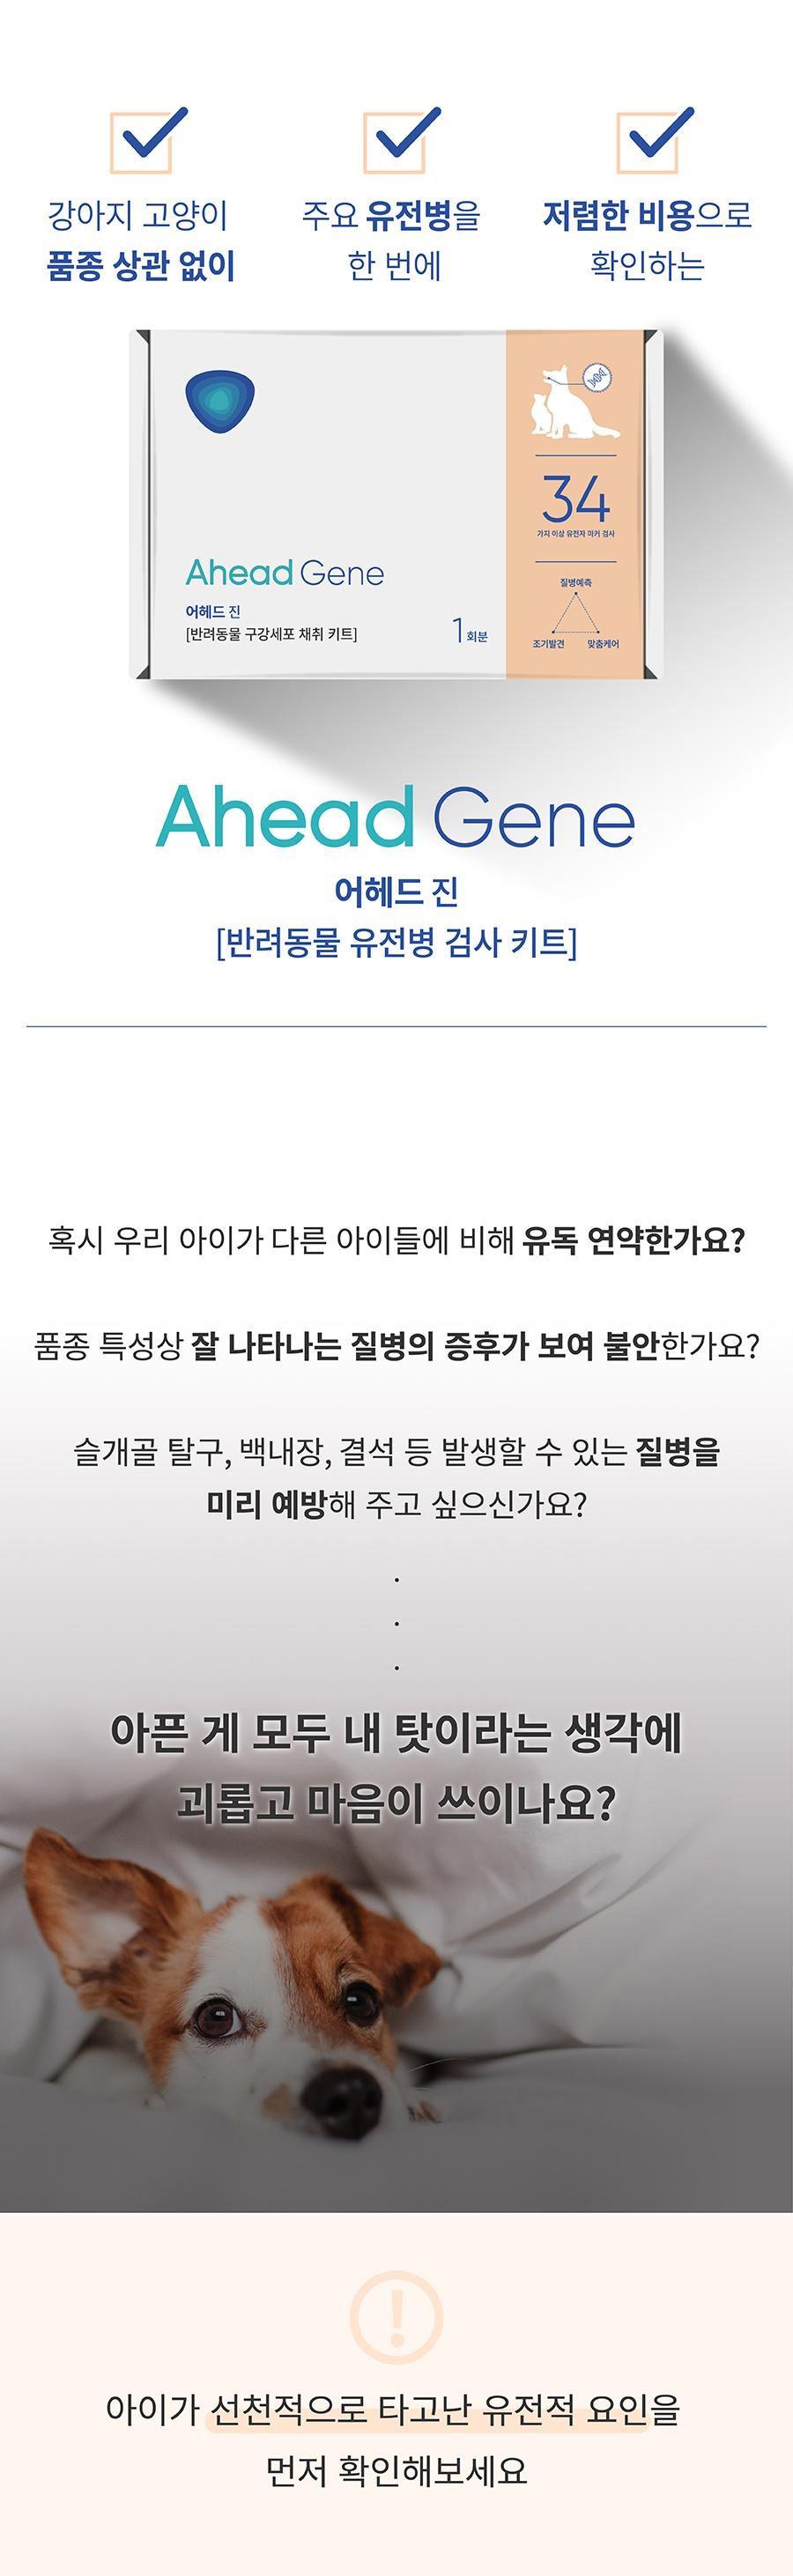 [특별세트] 어헤드진+어헤드-상품이미지-1